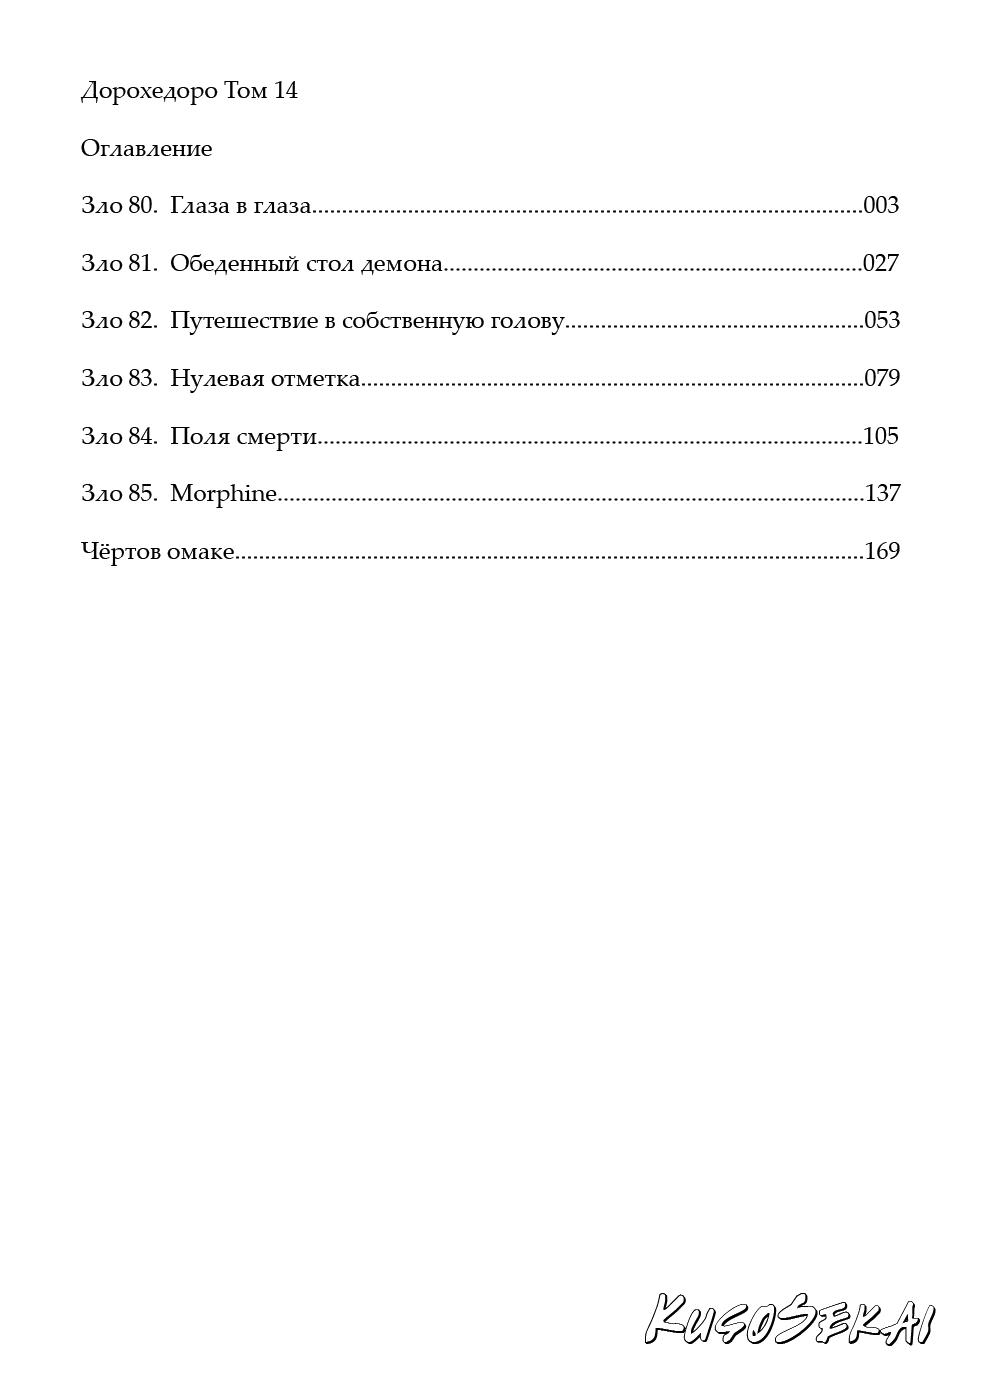 Манга Дорохедоро / Dorohedoro - Том 14 Глава 80 Страница 3